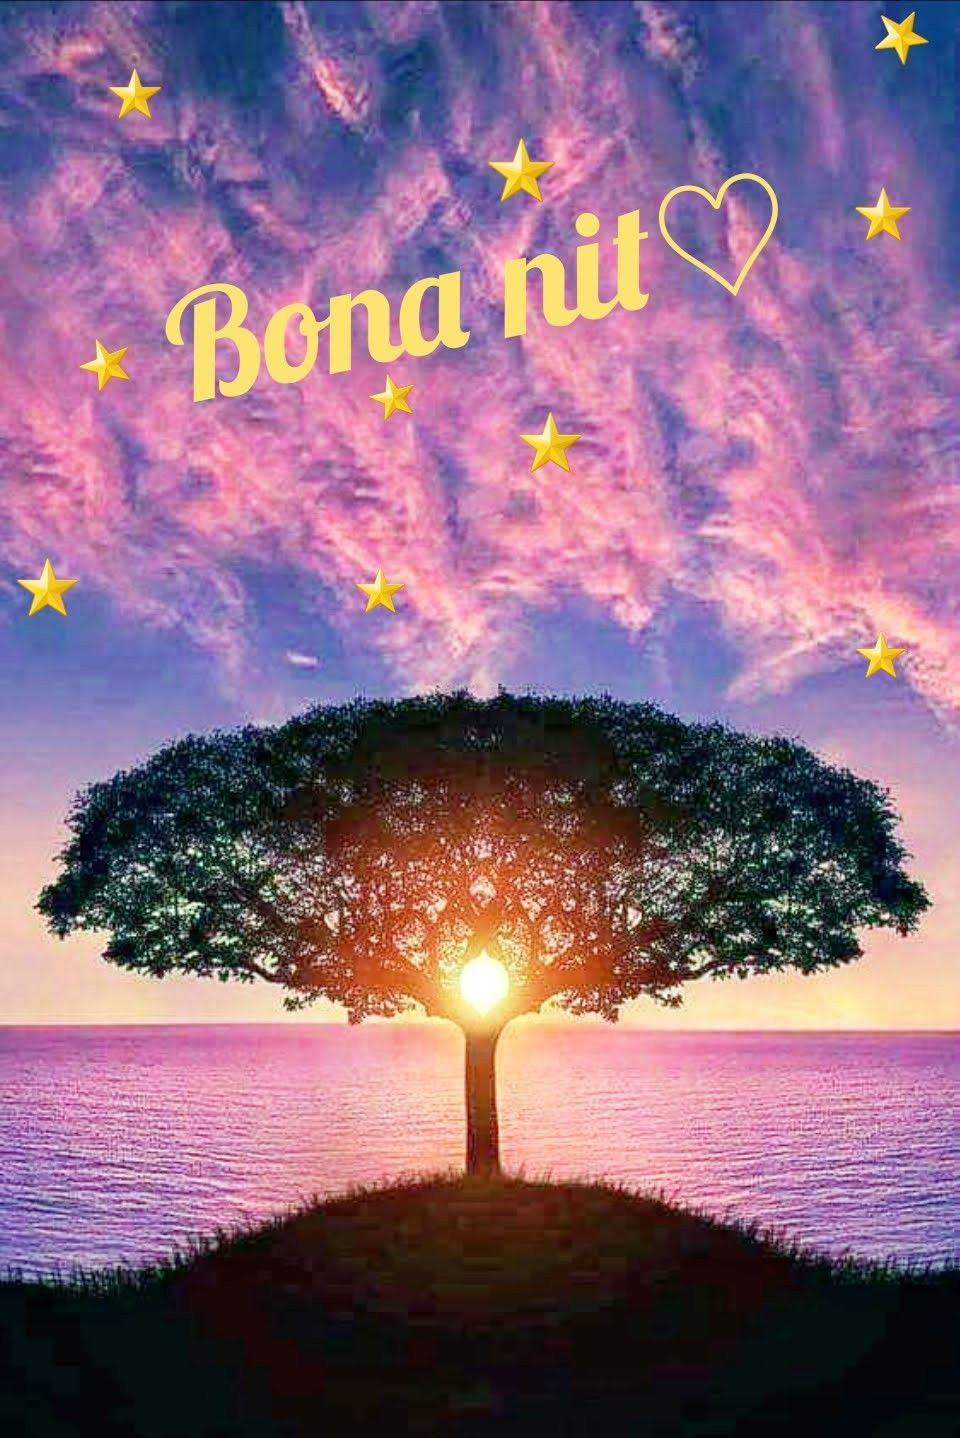 Bona Nit Oración De Buenas Noches Saludos De Buenas Noches Buenas Noches En Catalan